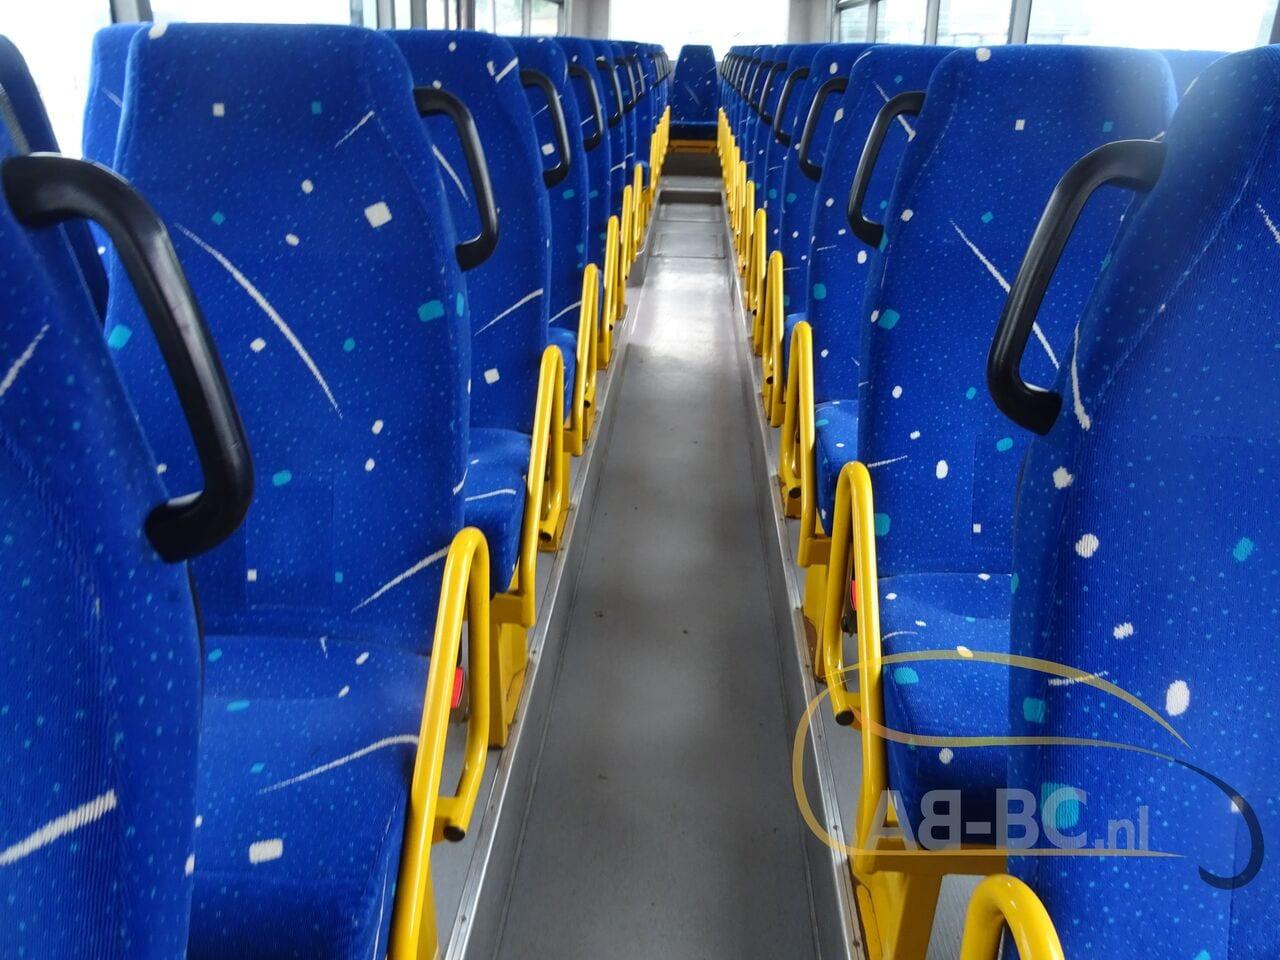 interurban-busIVECO-Irisbus-Recreo-64-Seats---1626160130013967570_big_e9f80b167702c21850ae104217faf6e2--21071309575983154500